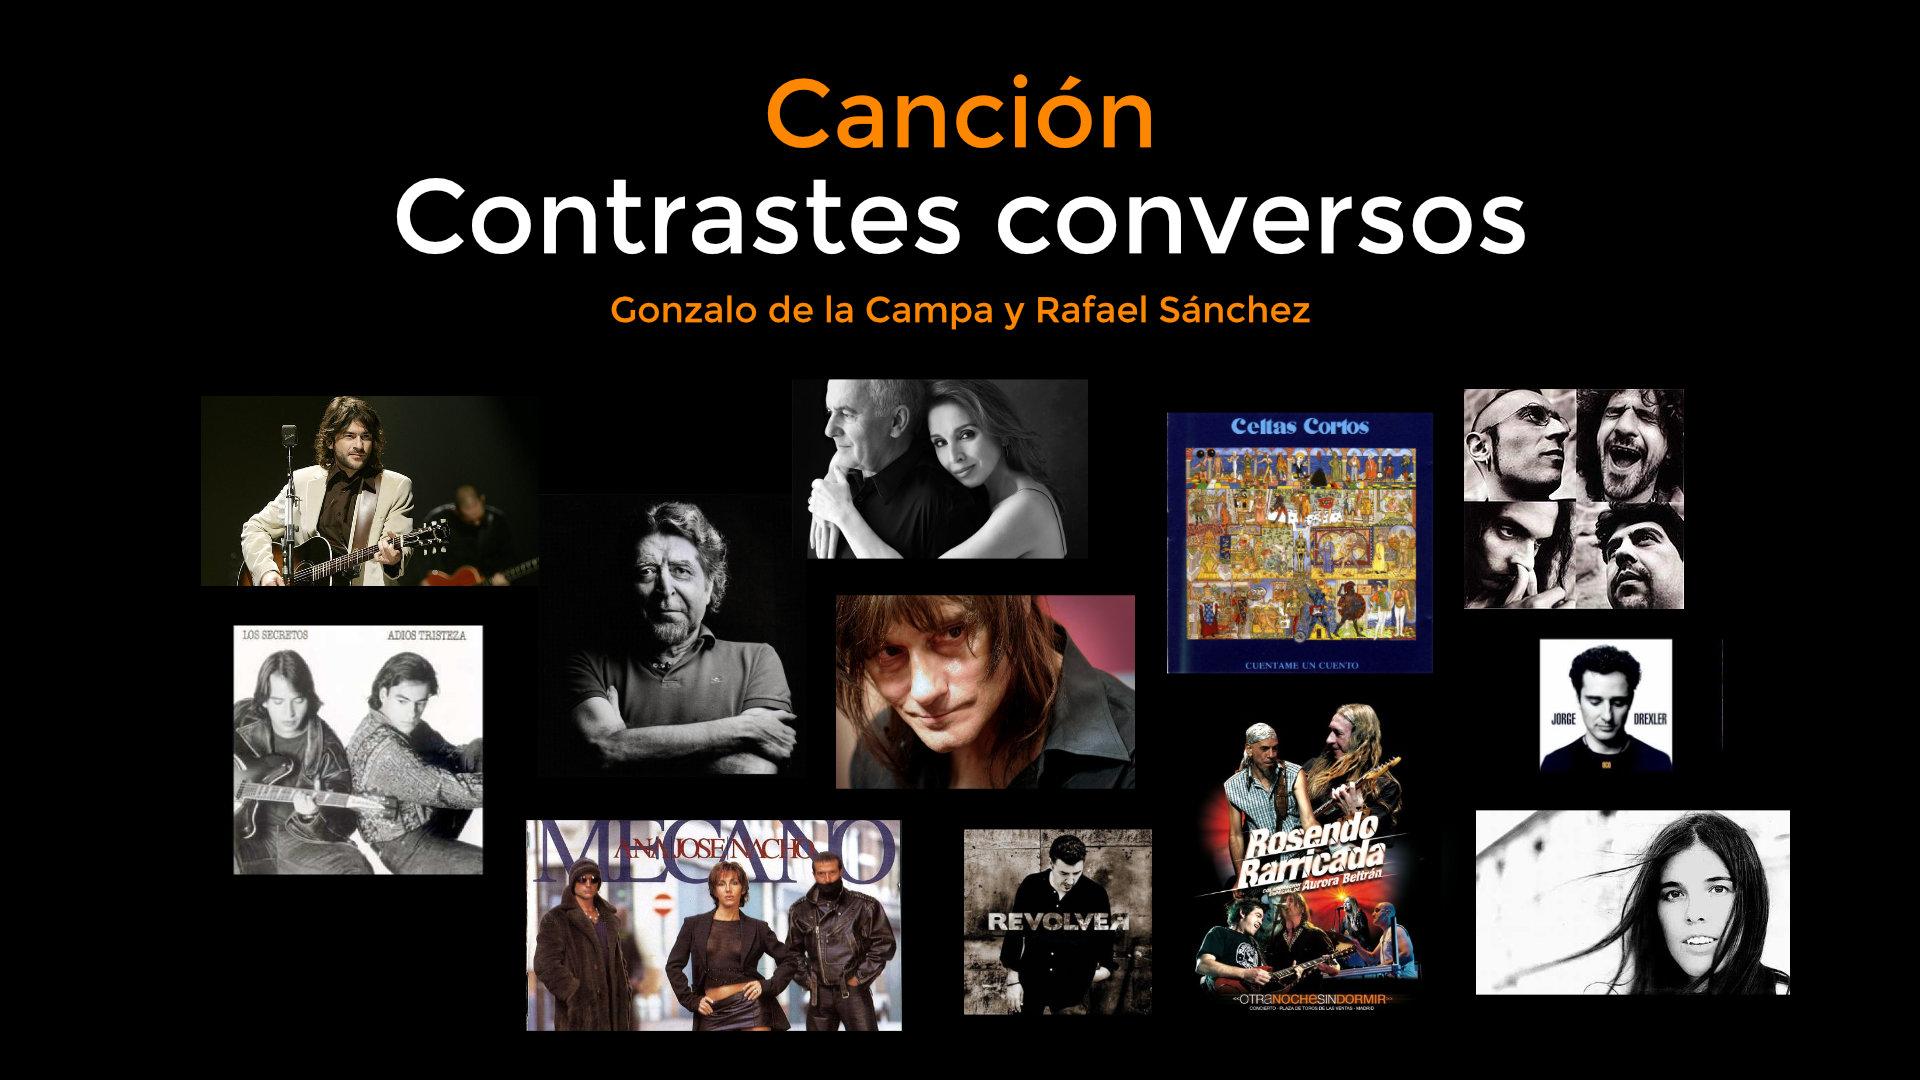 Estoy emocionado con mi Canción personalizada: Contrastes Conversos